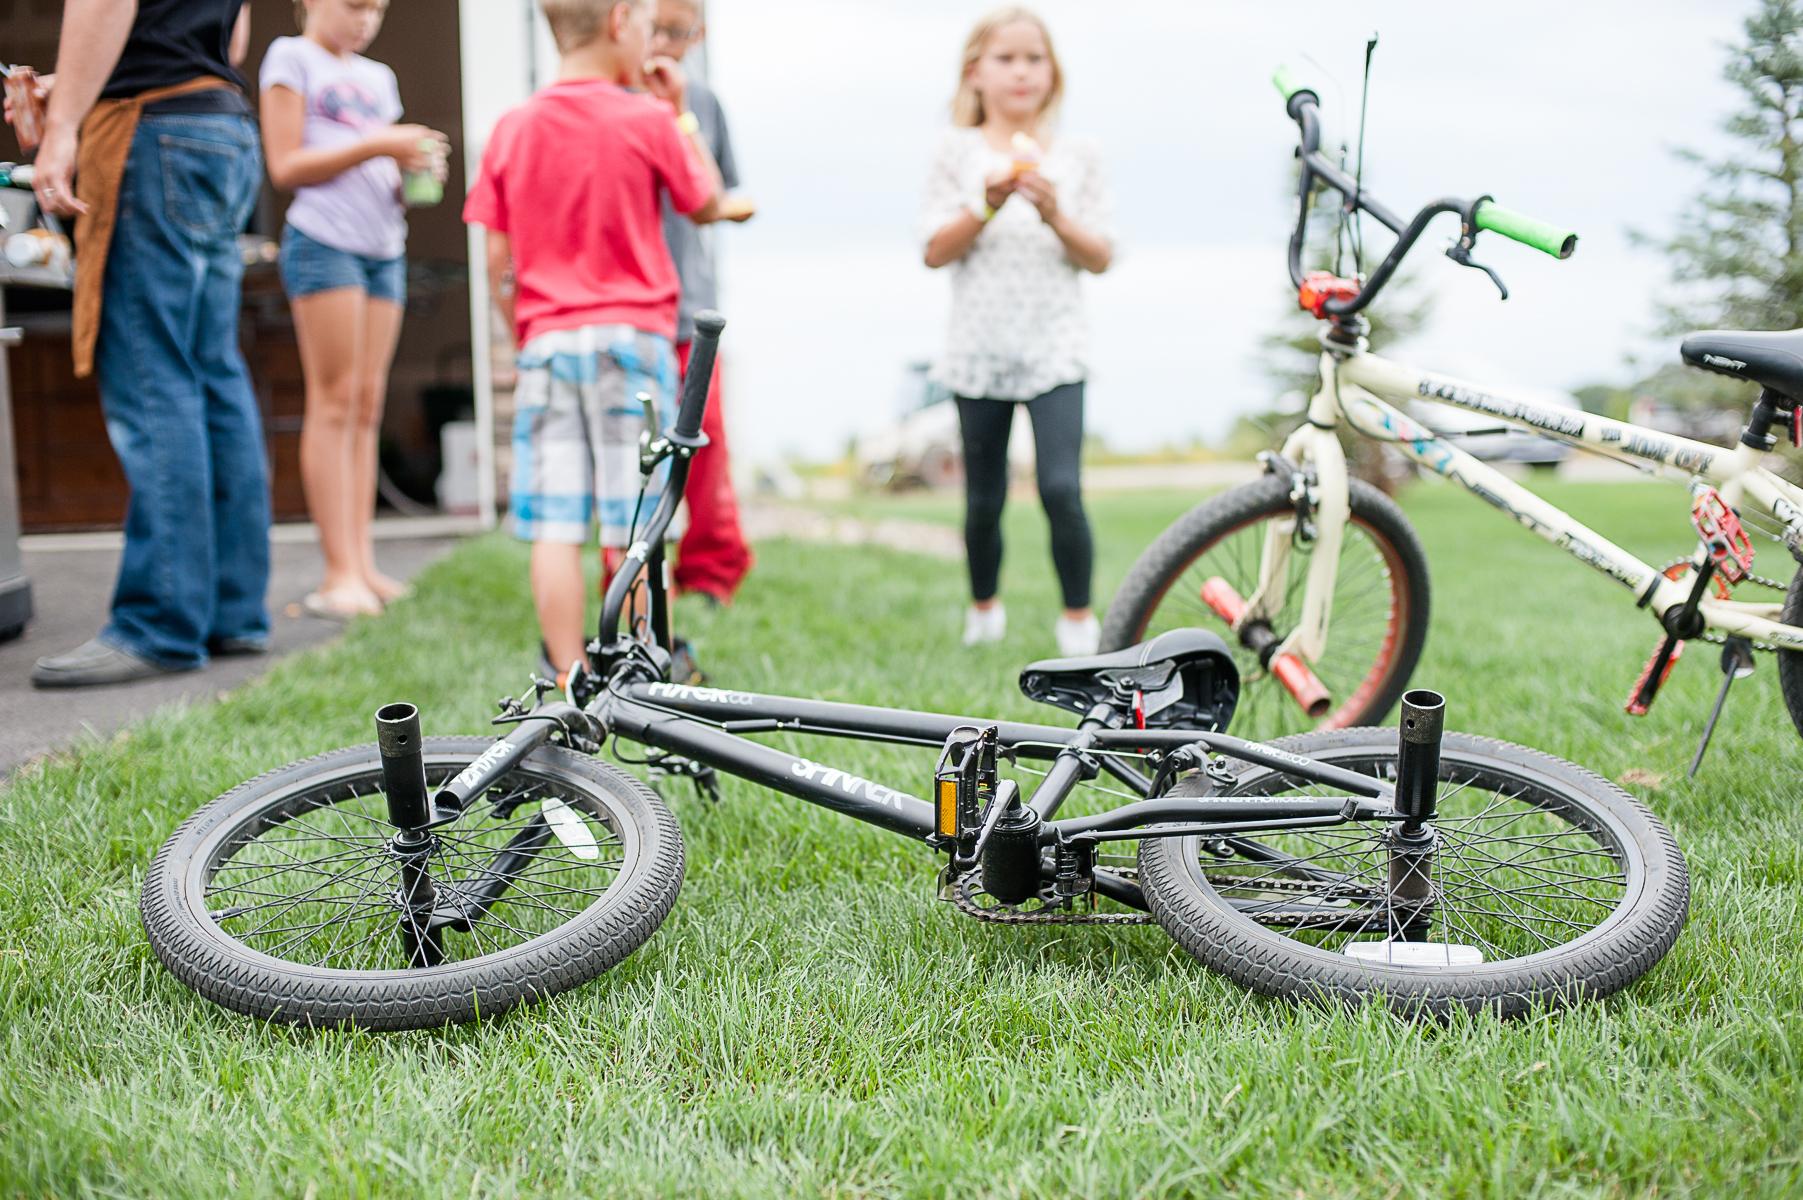 Bike in grass-4x6-8301.jpg